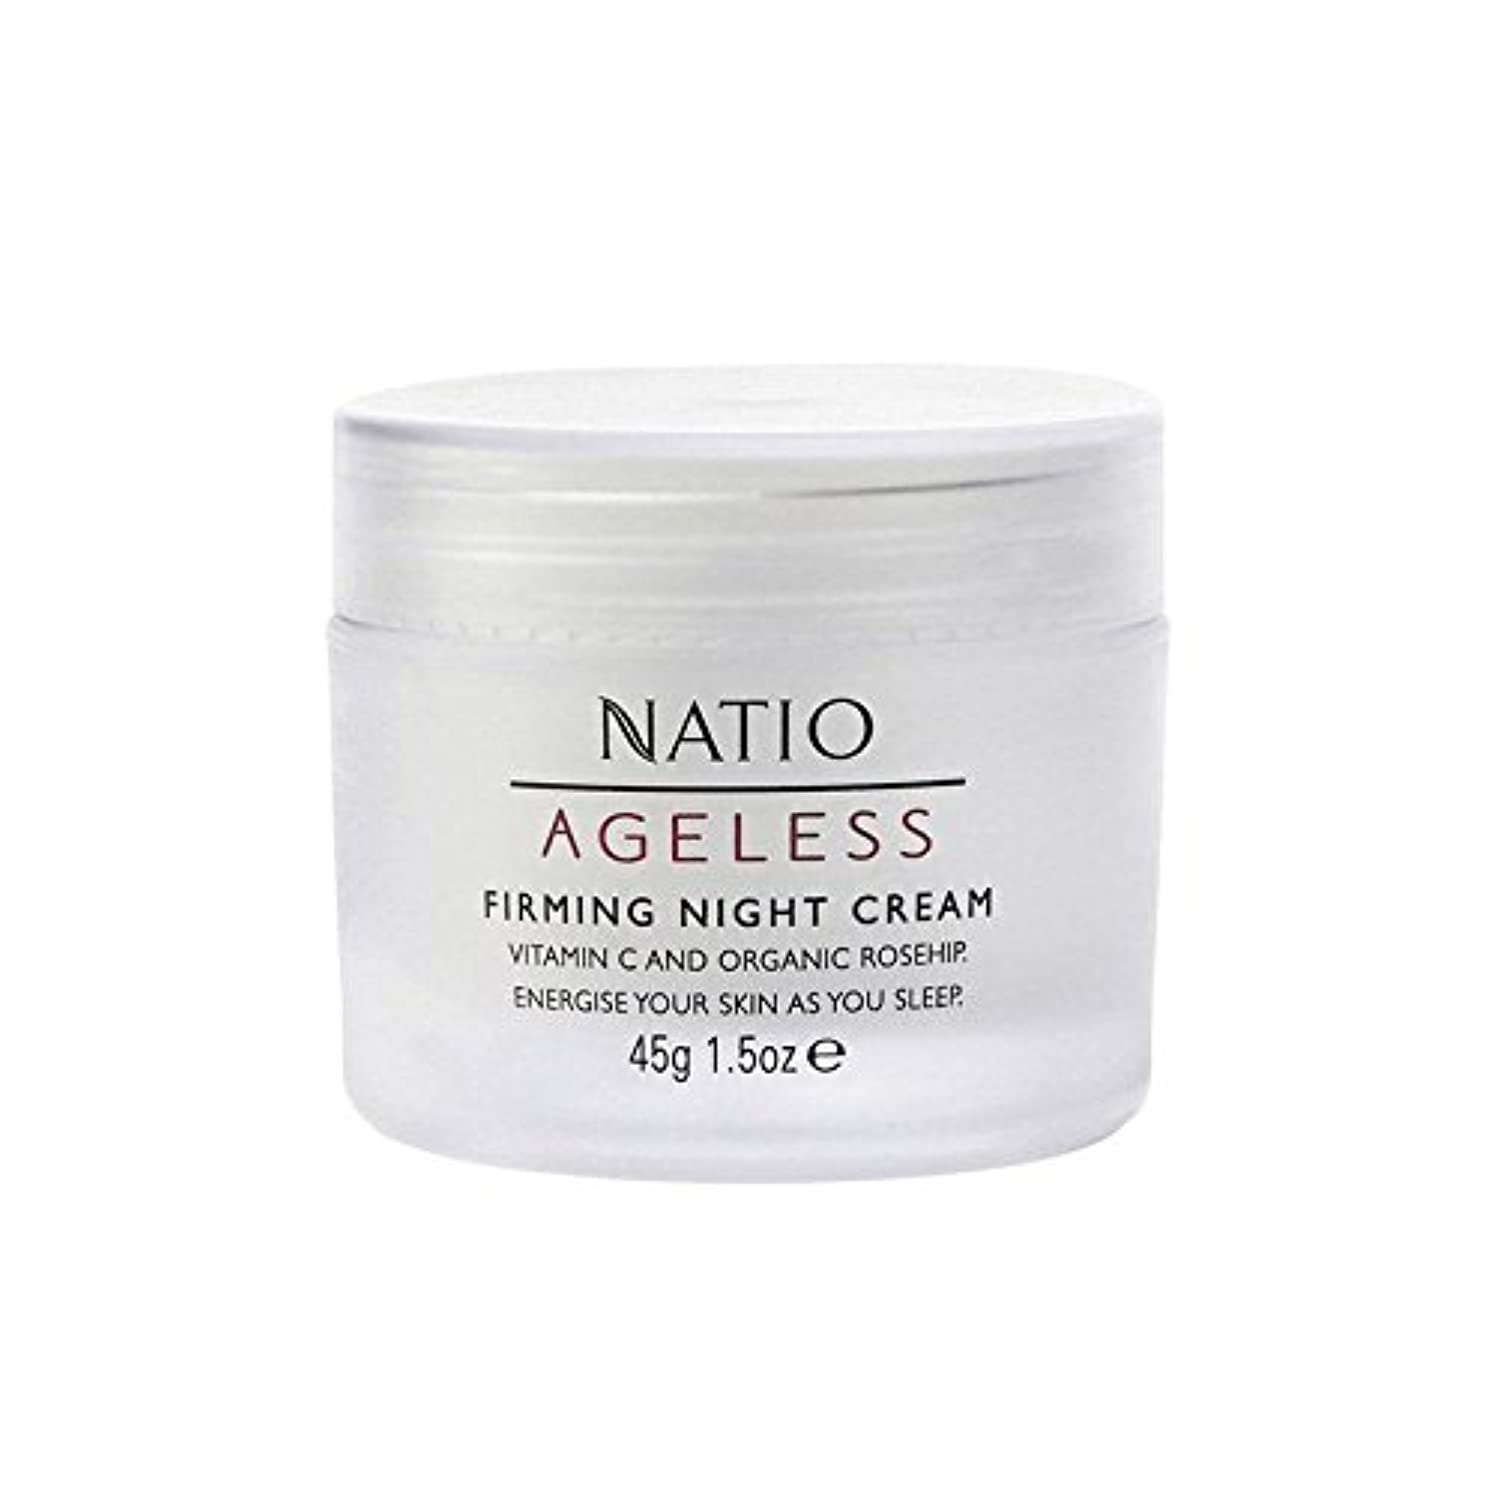 徐々につかまえる鍔永遠ファーミングナイトクリーム(45グラム) x4 - Natio Ageless Firming Night Cream (45G) (Pack of 4) [並行輸入品]